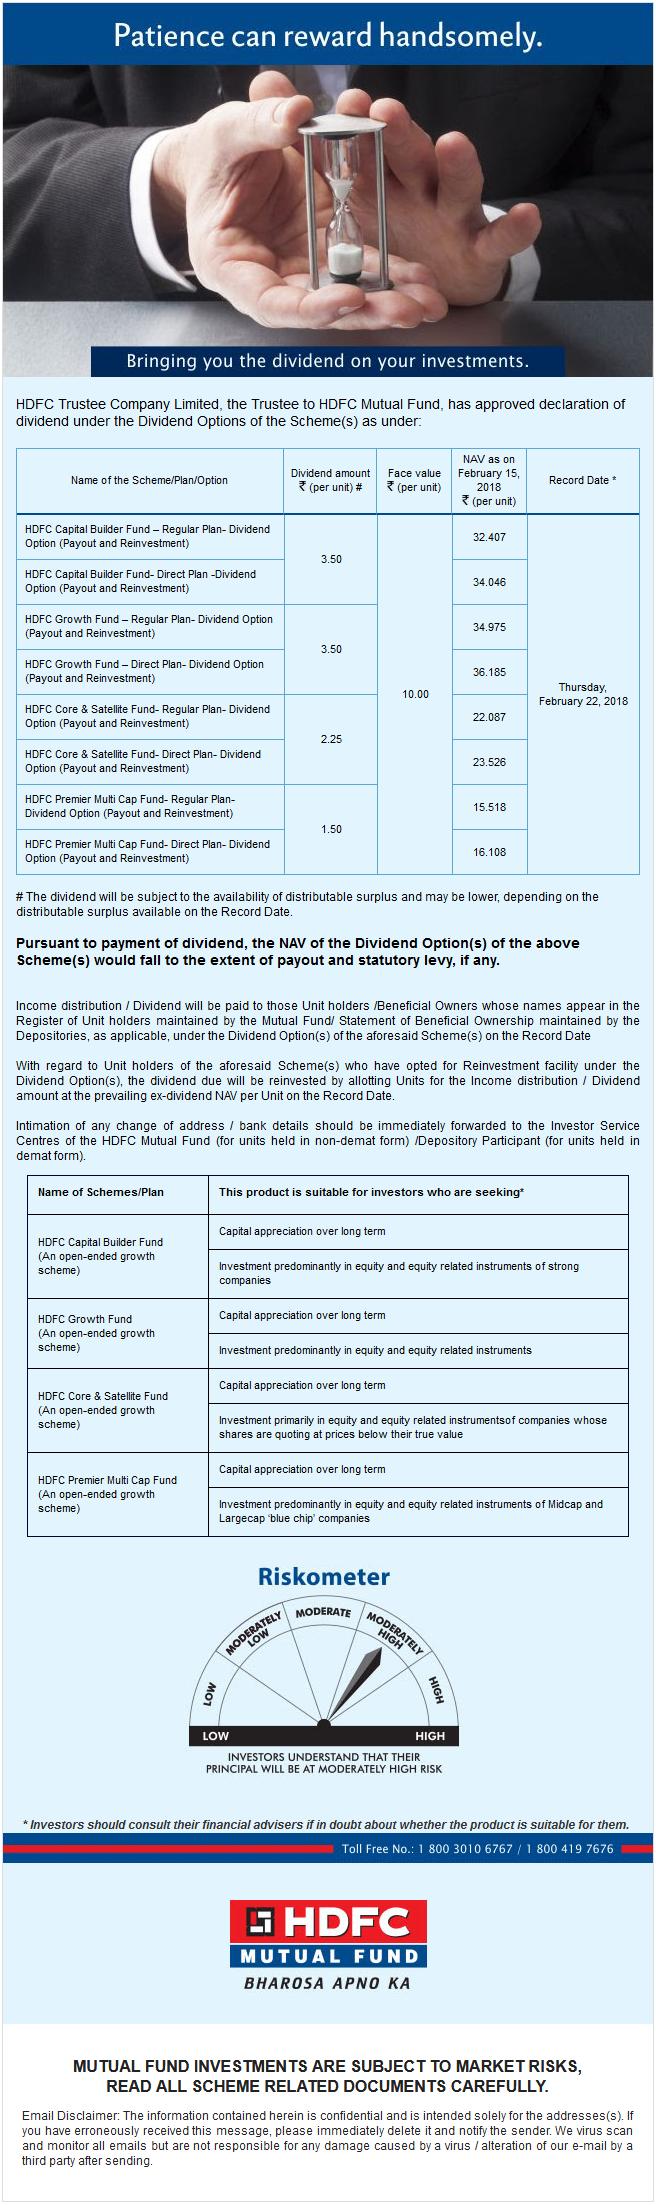 hdfc mutual fund sip return calculator